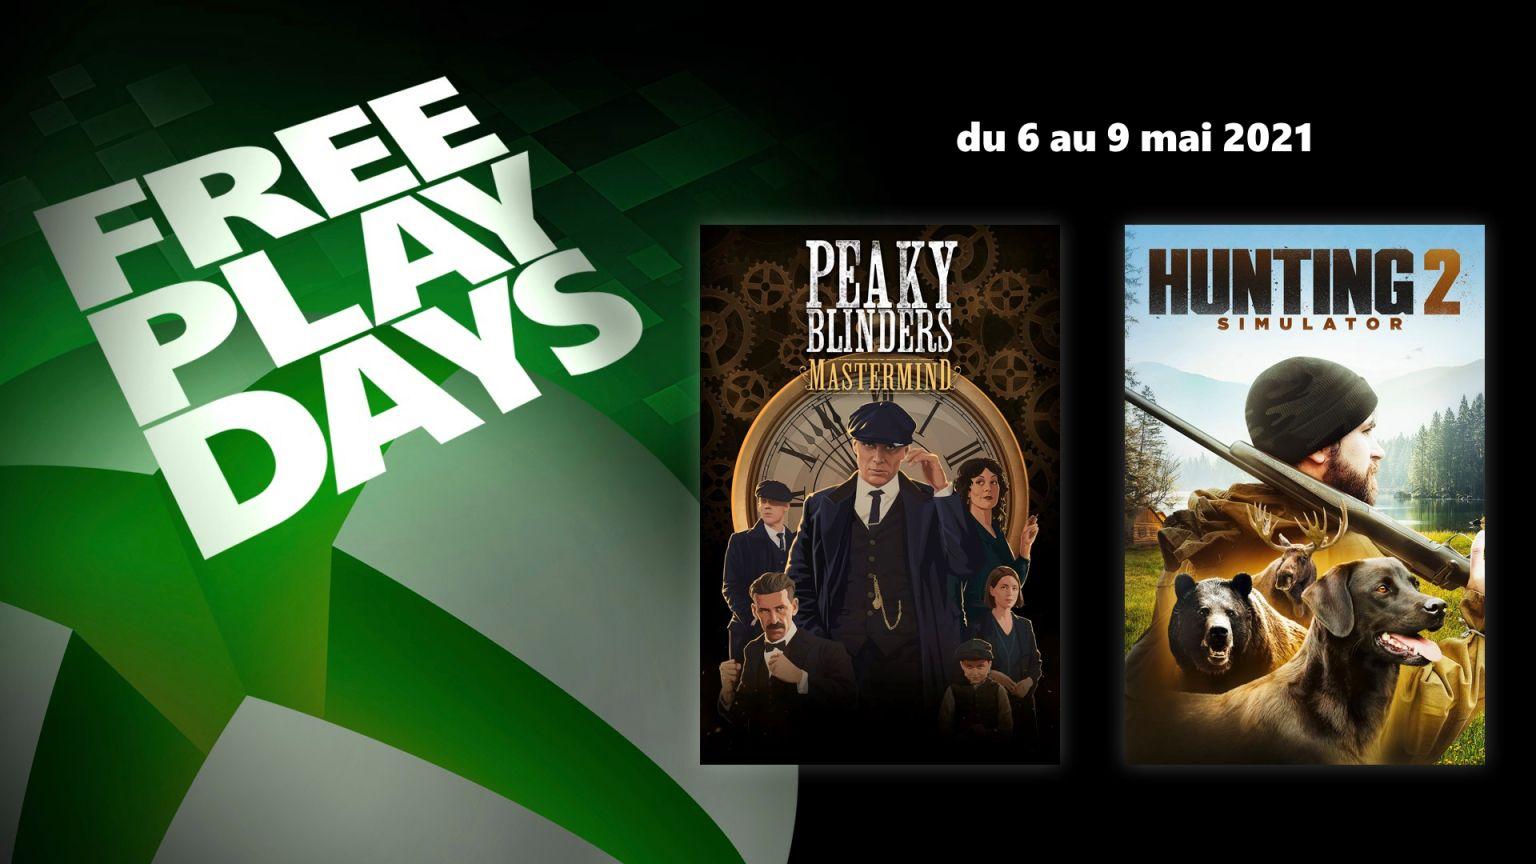 Peaky Blinders: Mastermind & Hunting Simulator 2 jouables gratuitement ce week-end sur Xbox (Dématérialisé)